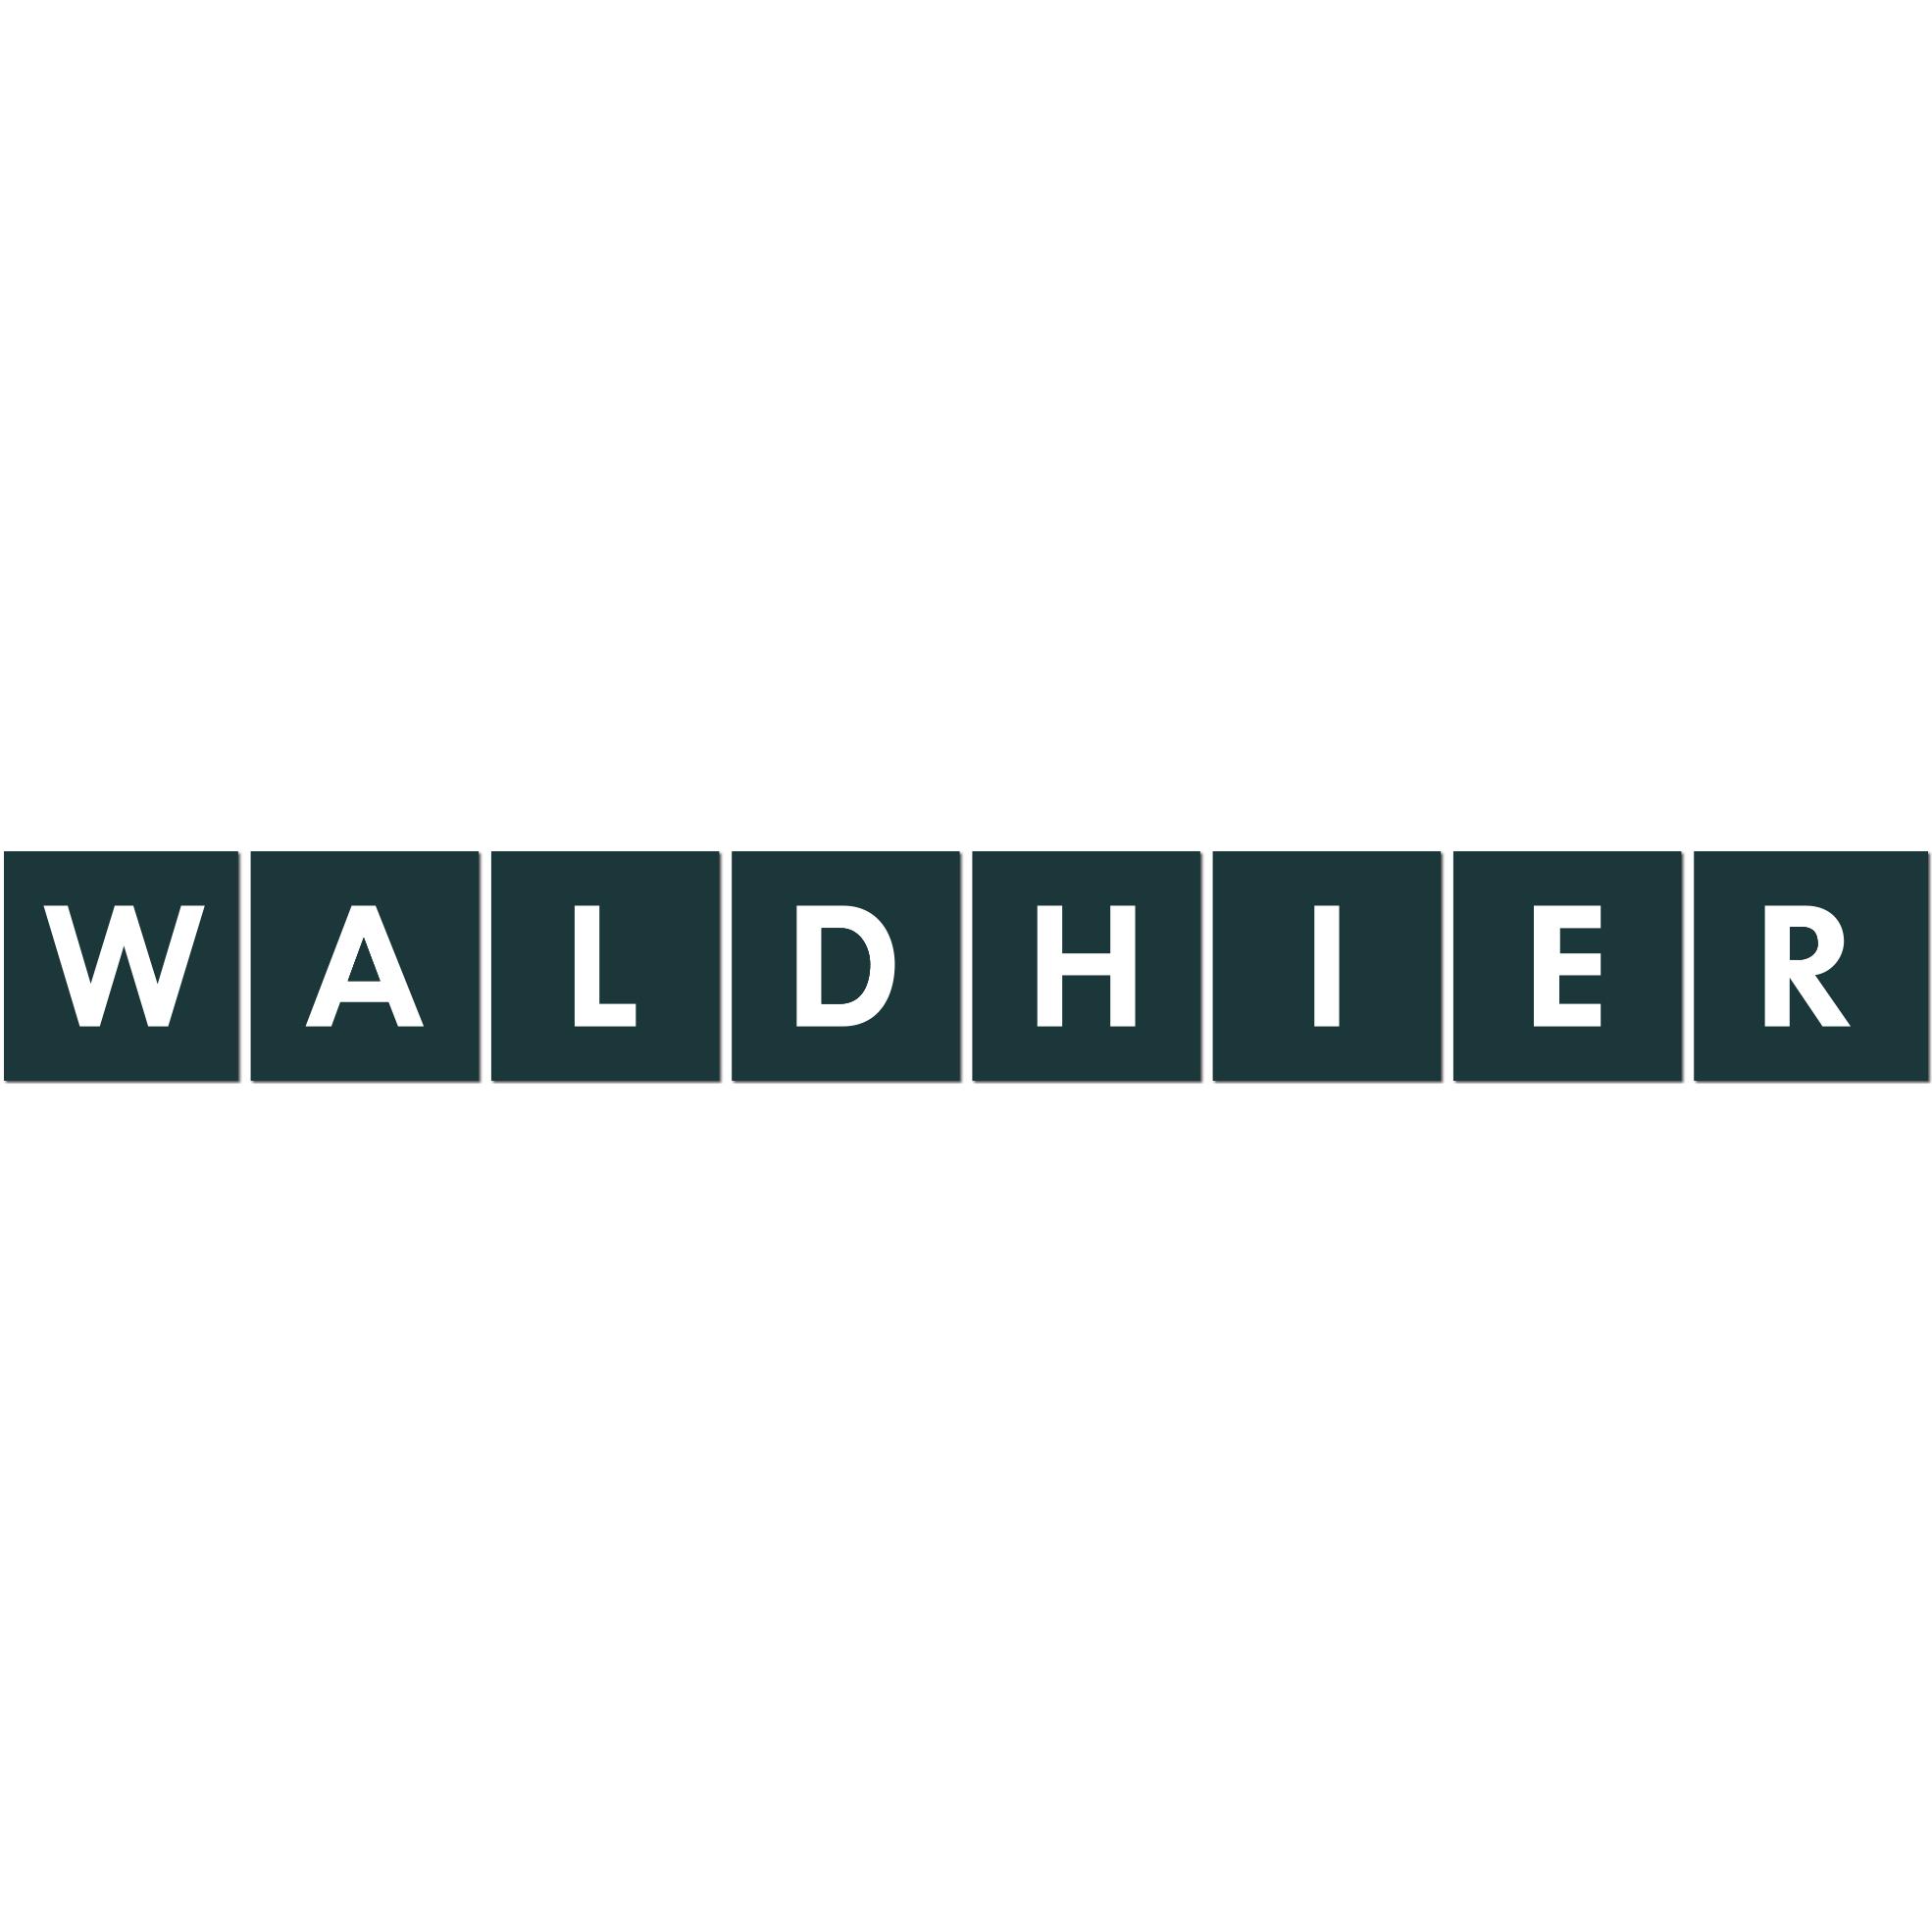 Bild zu Fliesen Waldhier GmbH in Hallbergmoos